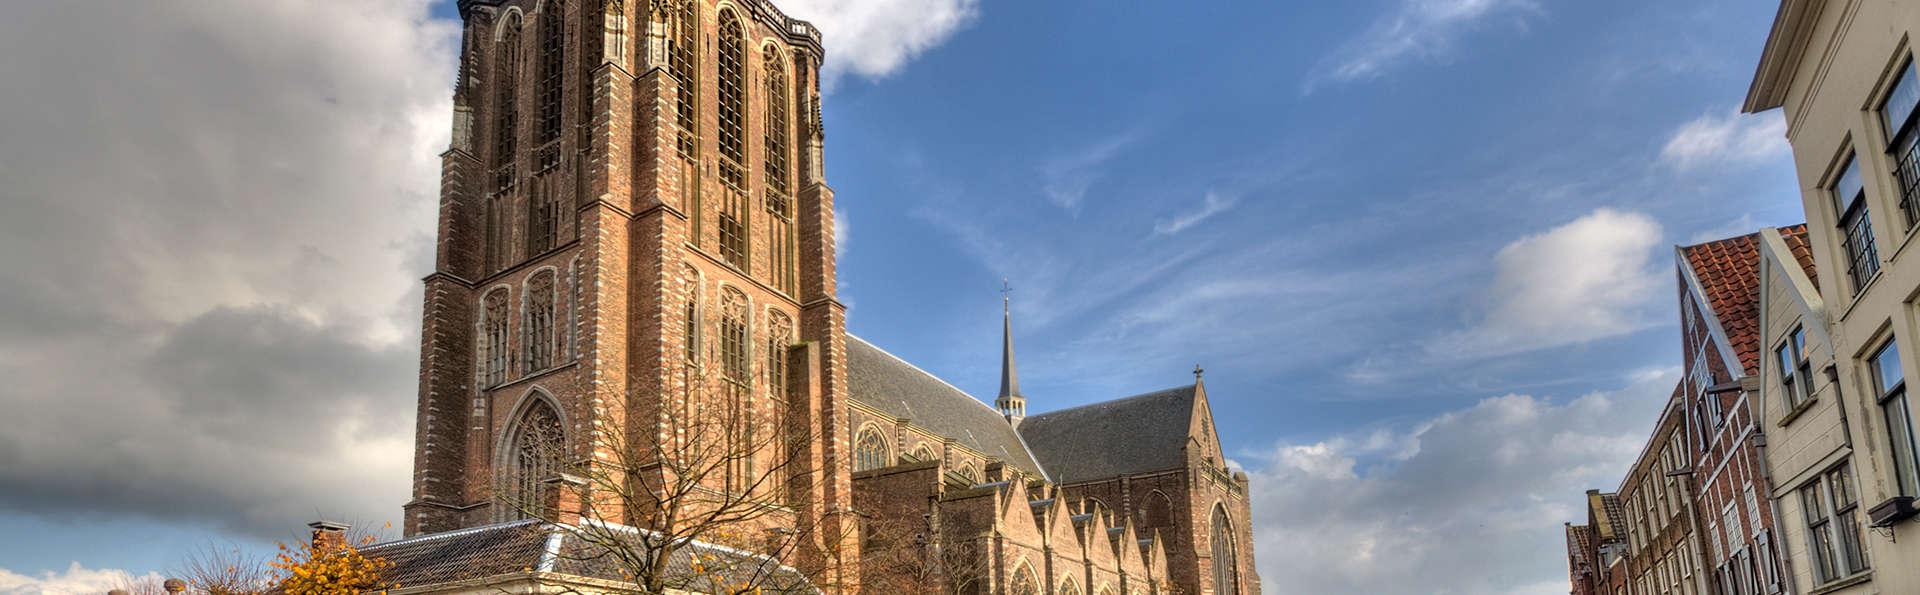 Van der Valk hotel Dordrecht - EDIT_dordrecht2_-_Copy.jpg